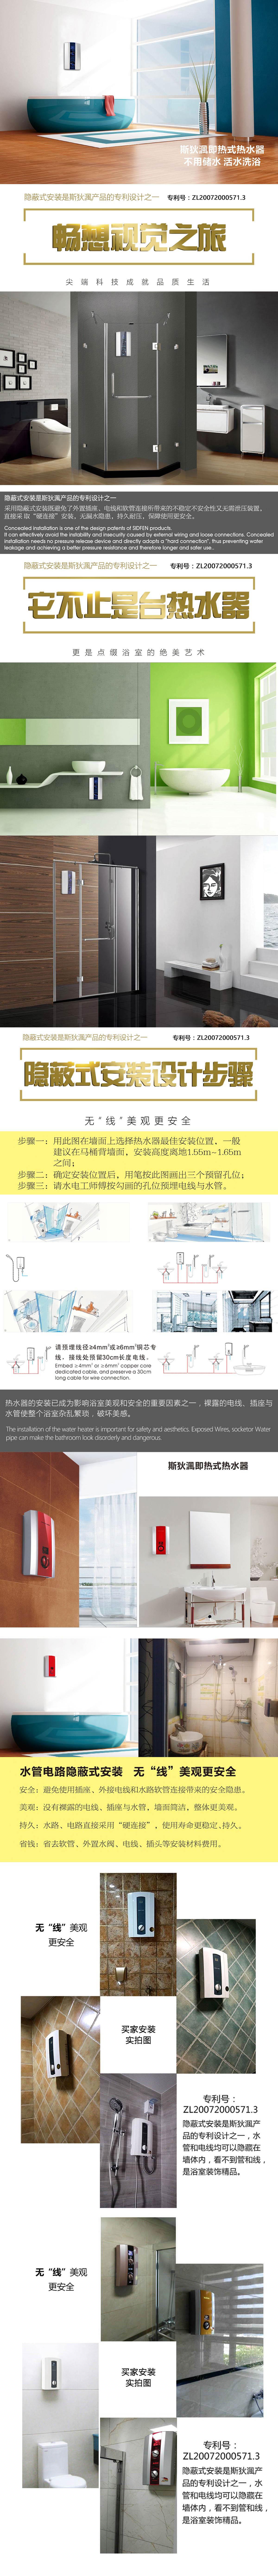 尊宝娱乐國际尊宝娱乐官网隐蔽式安装.jpg